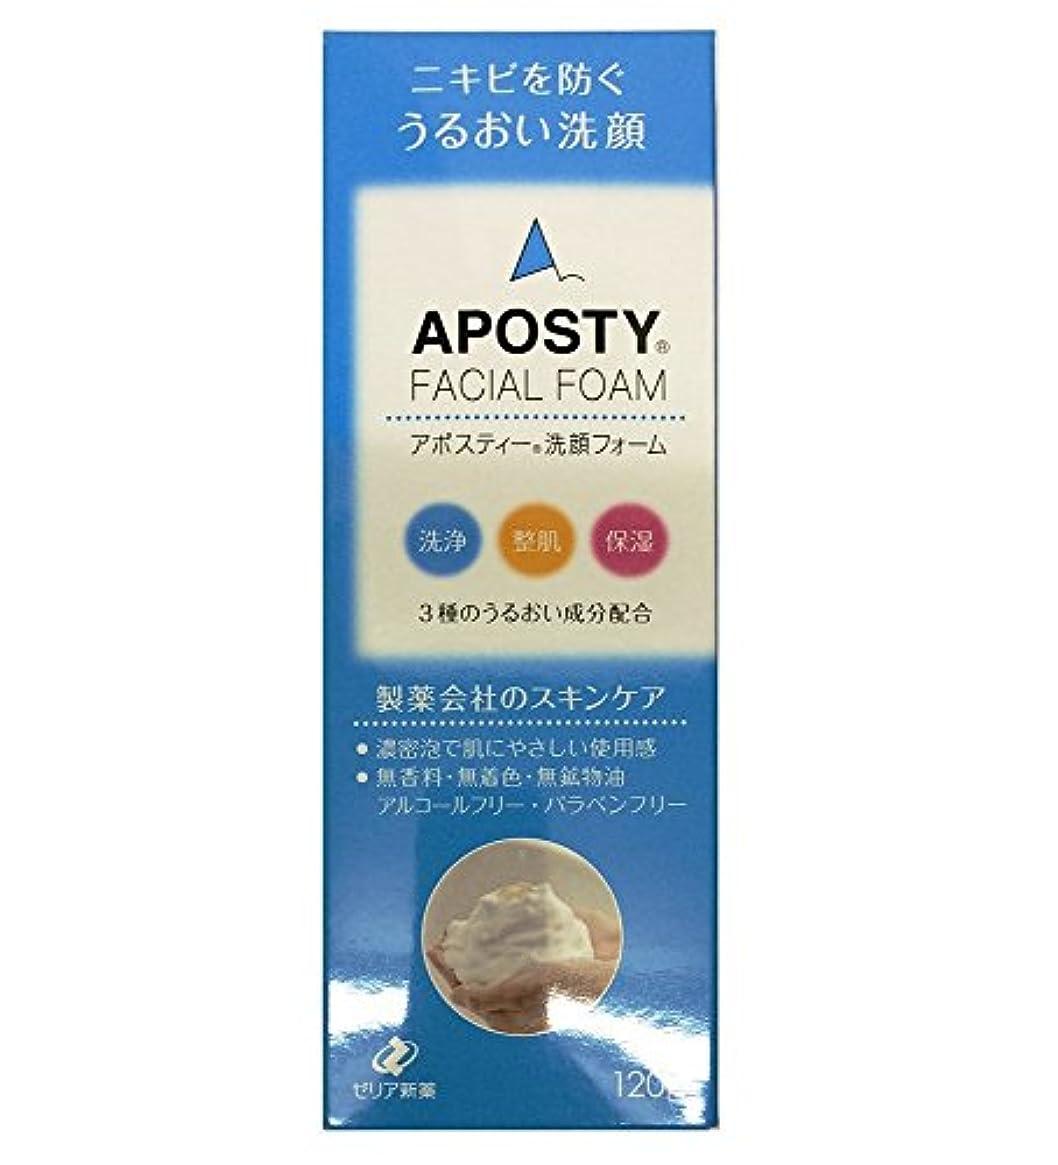 教科書伸ばすベッドを作るゼリア新薬工業 アポスティー 洗顔フォーム 120g